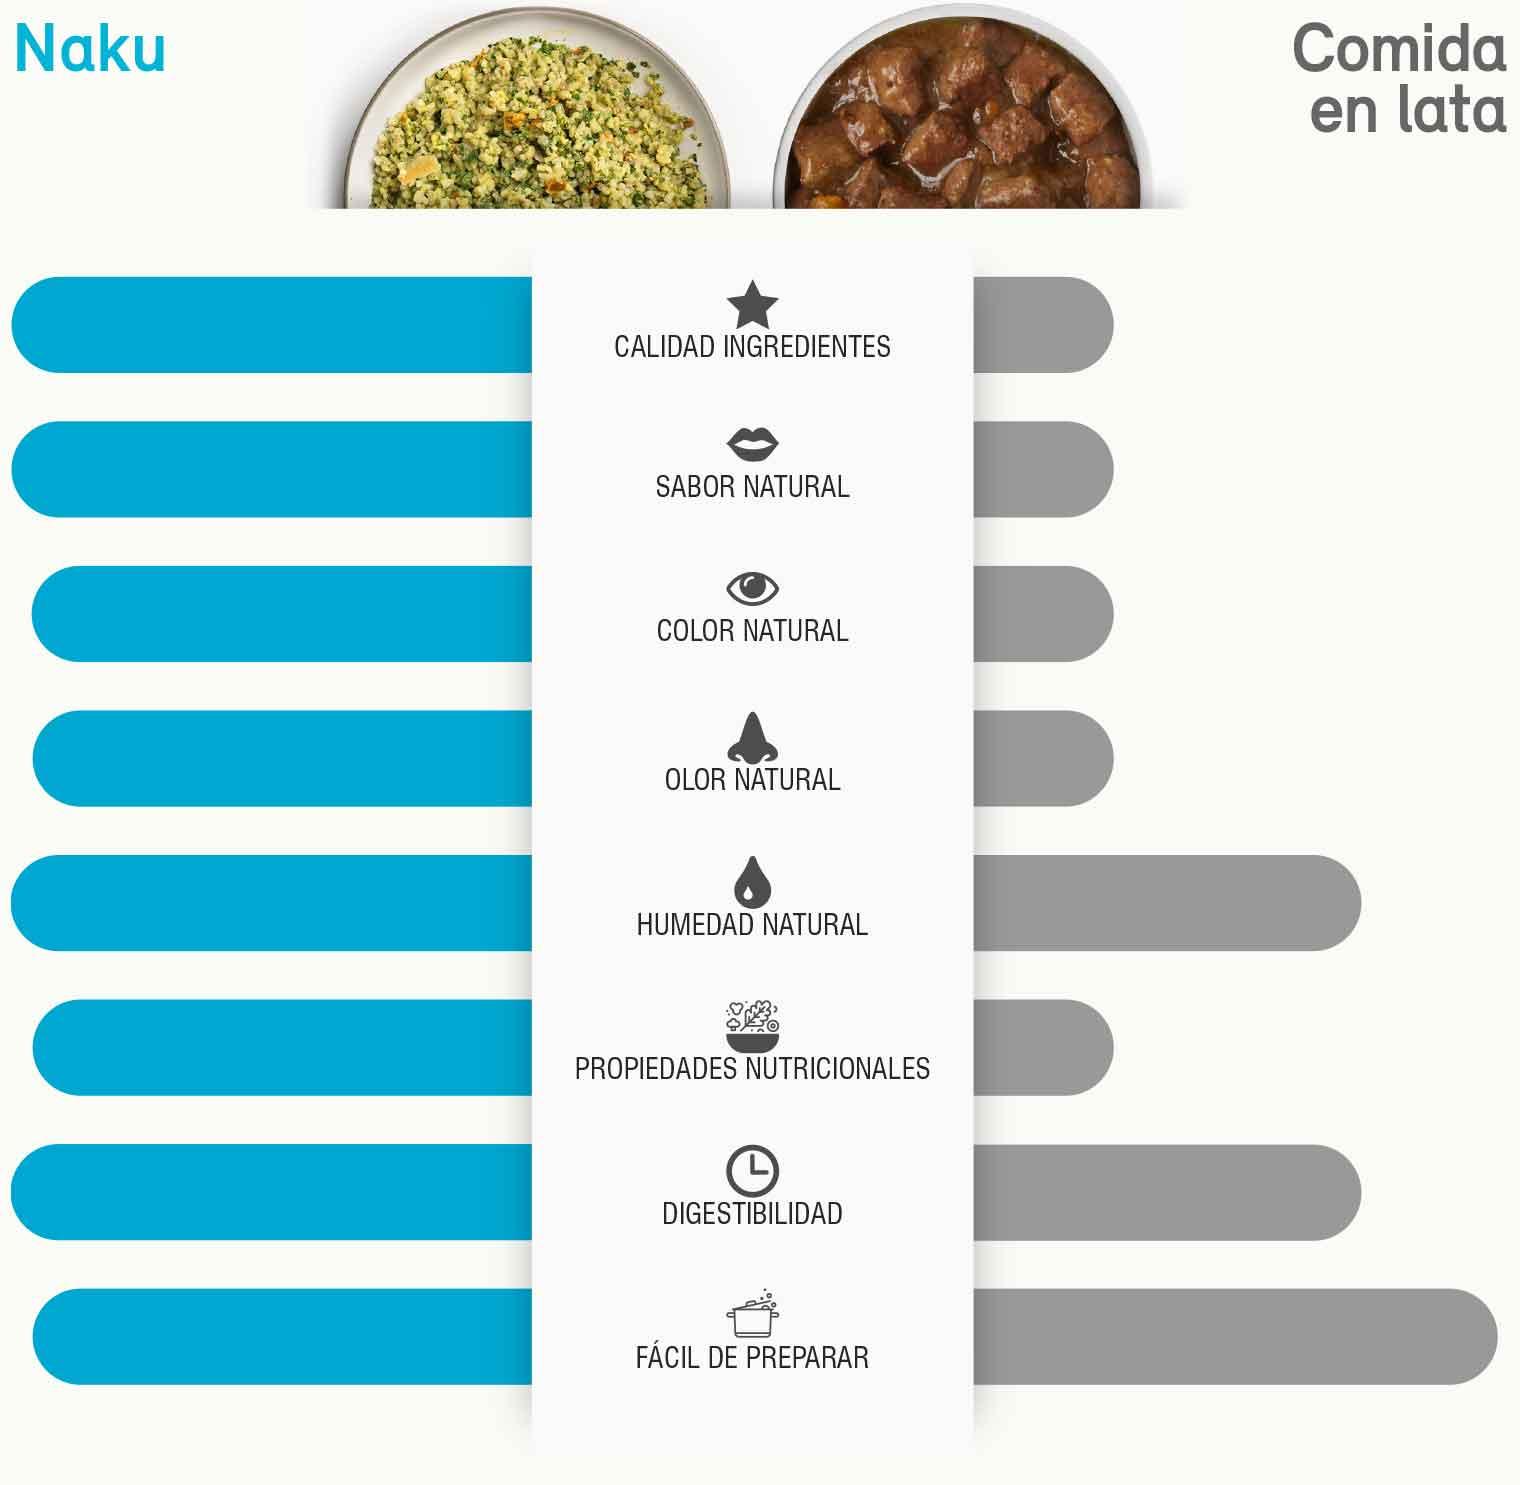 Naku VS Comida en lata